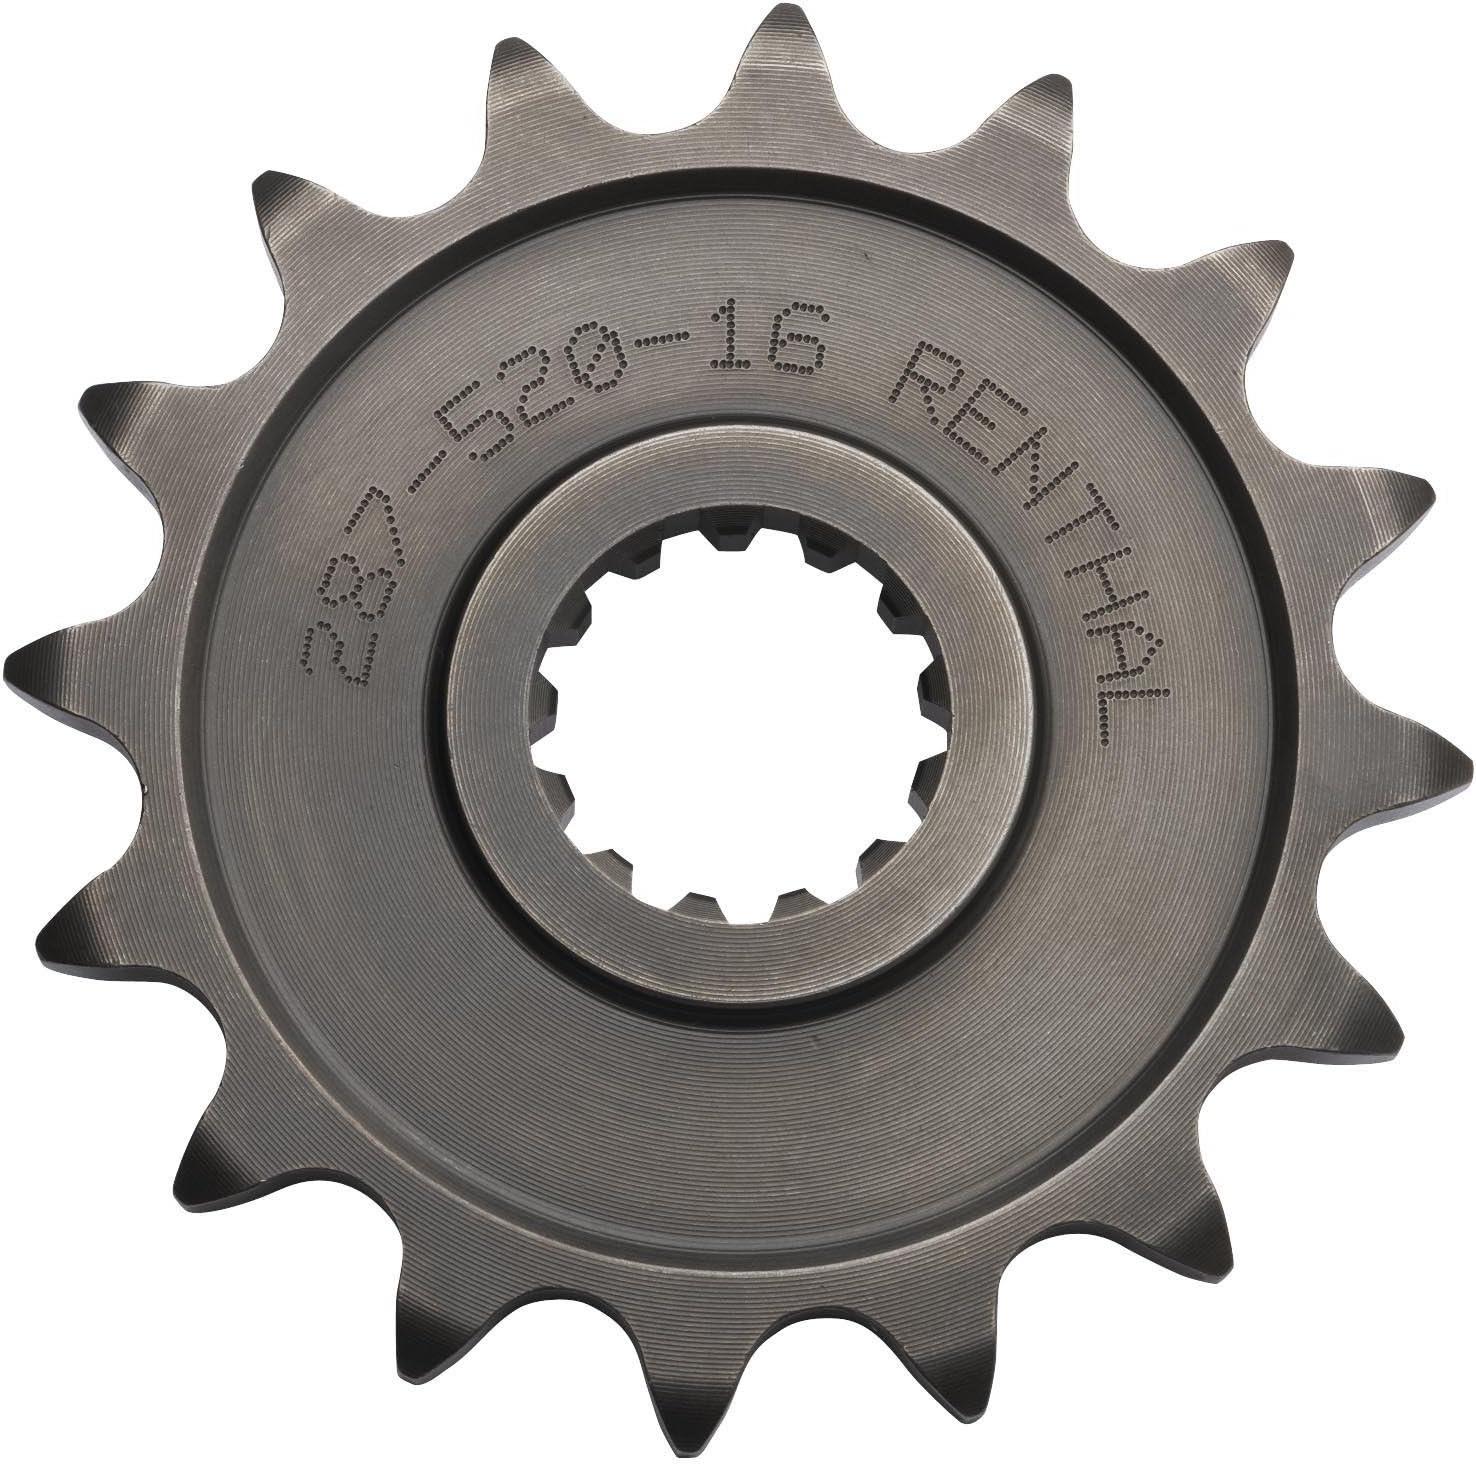 Color: Natural 13T Renthal Steel Front Sprocket Sprocket Position: Front 308--520-13GP Sprocket Teeth: 13 Material: Steel Sprocket Size: 520